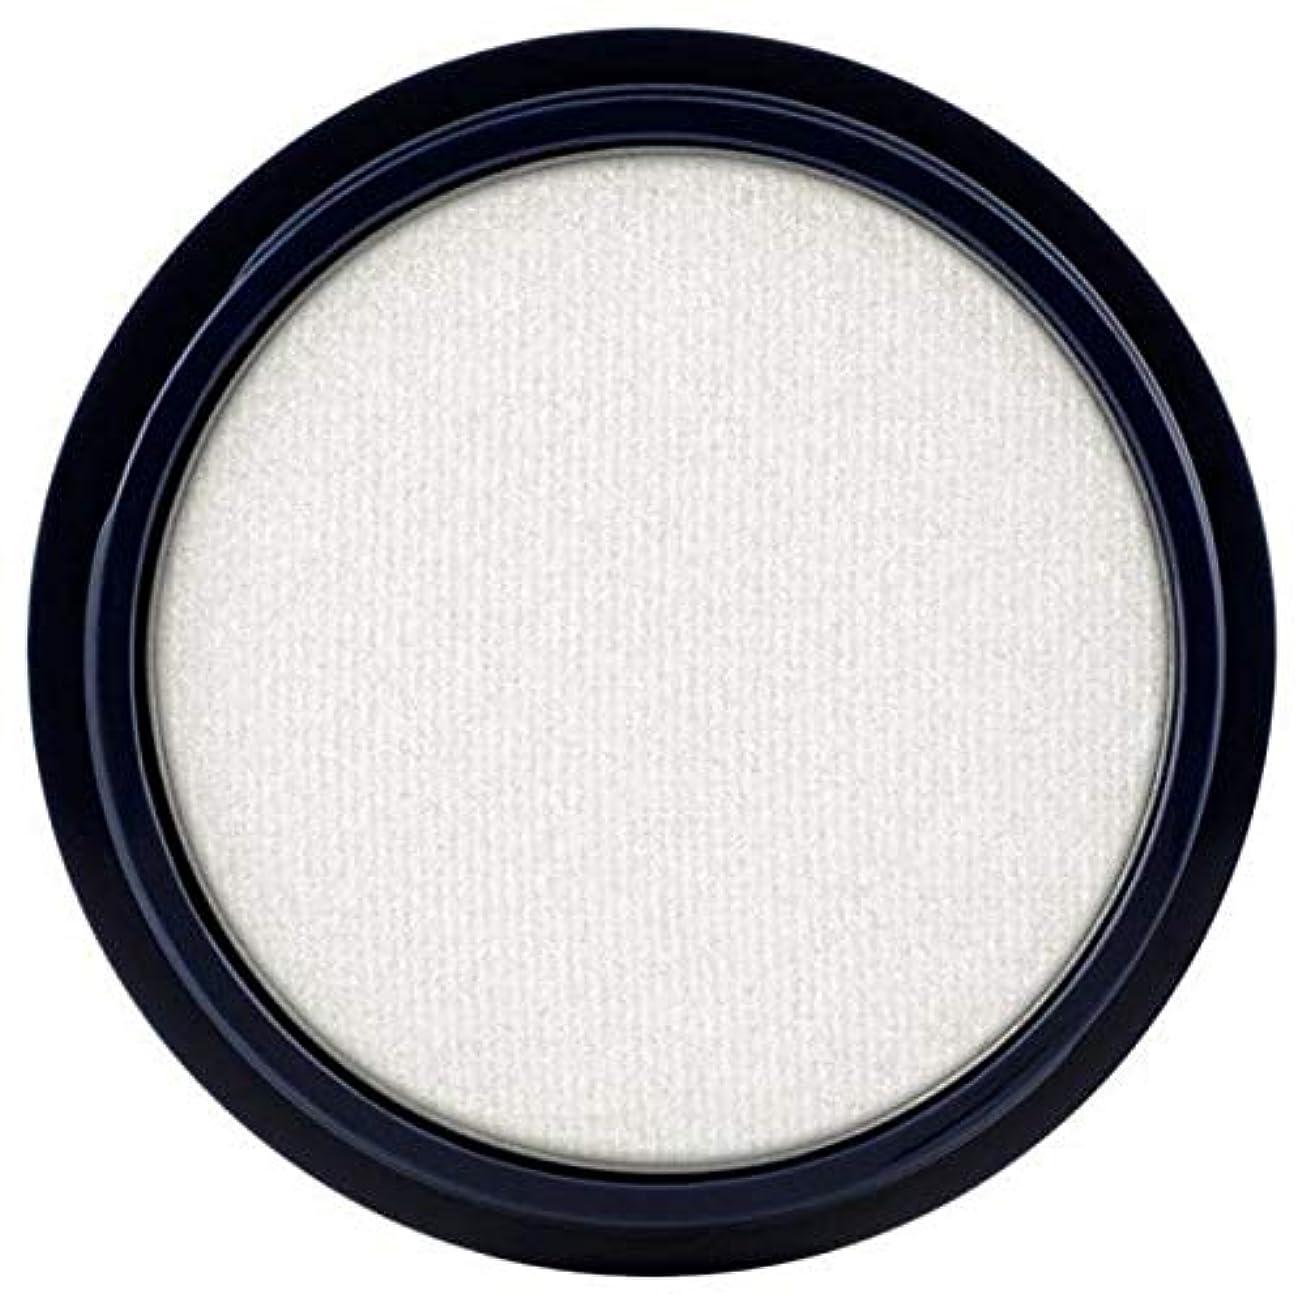 持っている近傍うそつき[Max Factor ] 白35 Definatマックスファクター野生シャドウアイシャドウポット - Max Factor Wild Shadow Eyeshadow Pot Definat White 35 [並行輸入品]